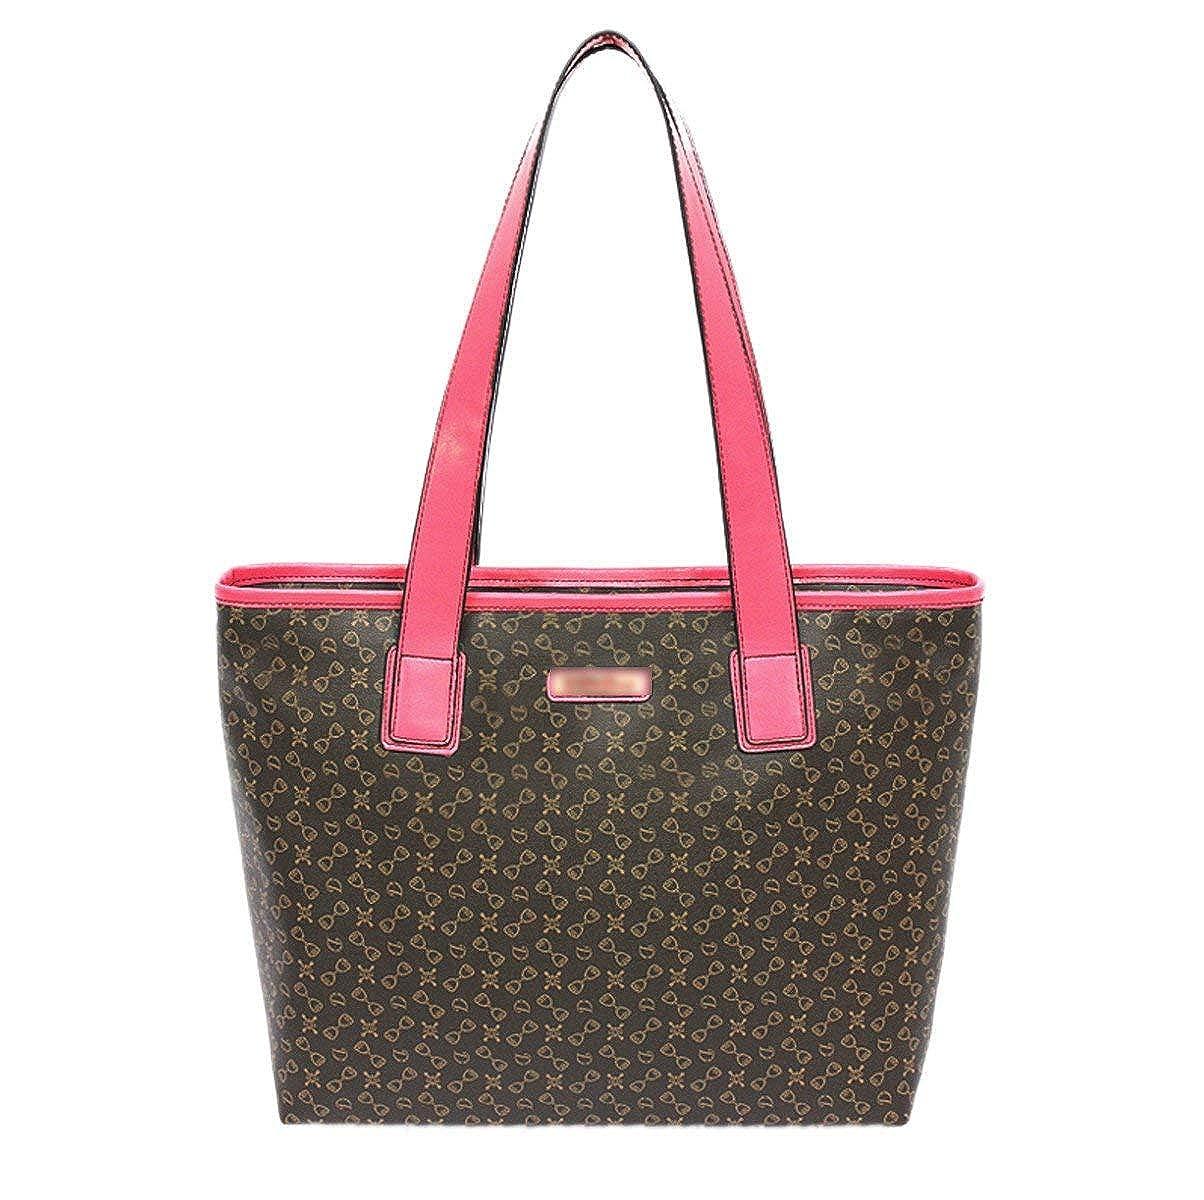 Hale Tomlinson Woman PU printing Fashion All-match Single Shoulder Bag Inclined Shoulder Bag Handbag